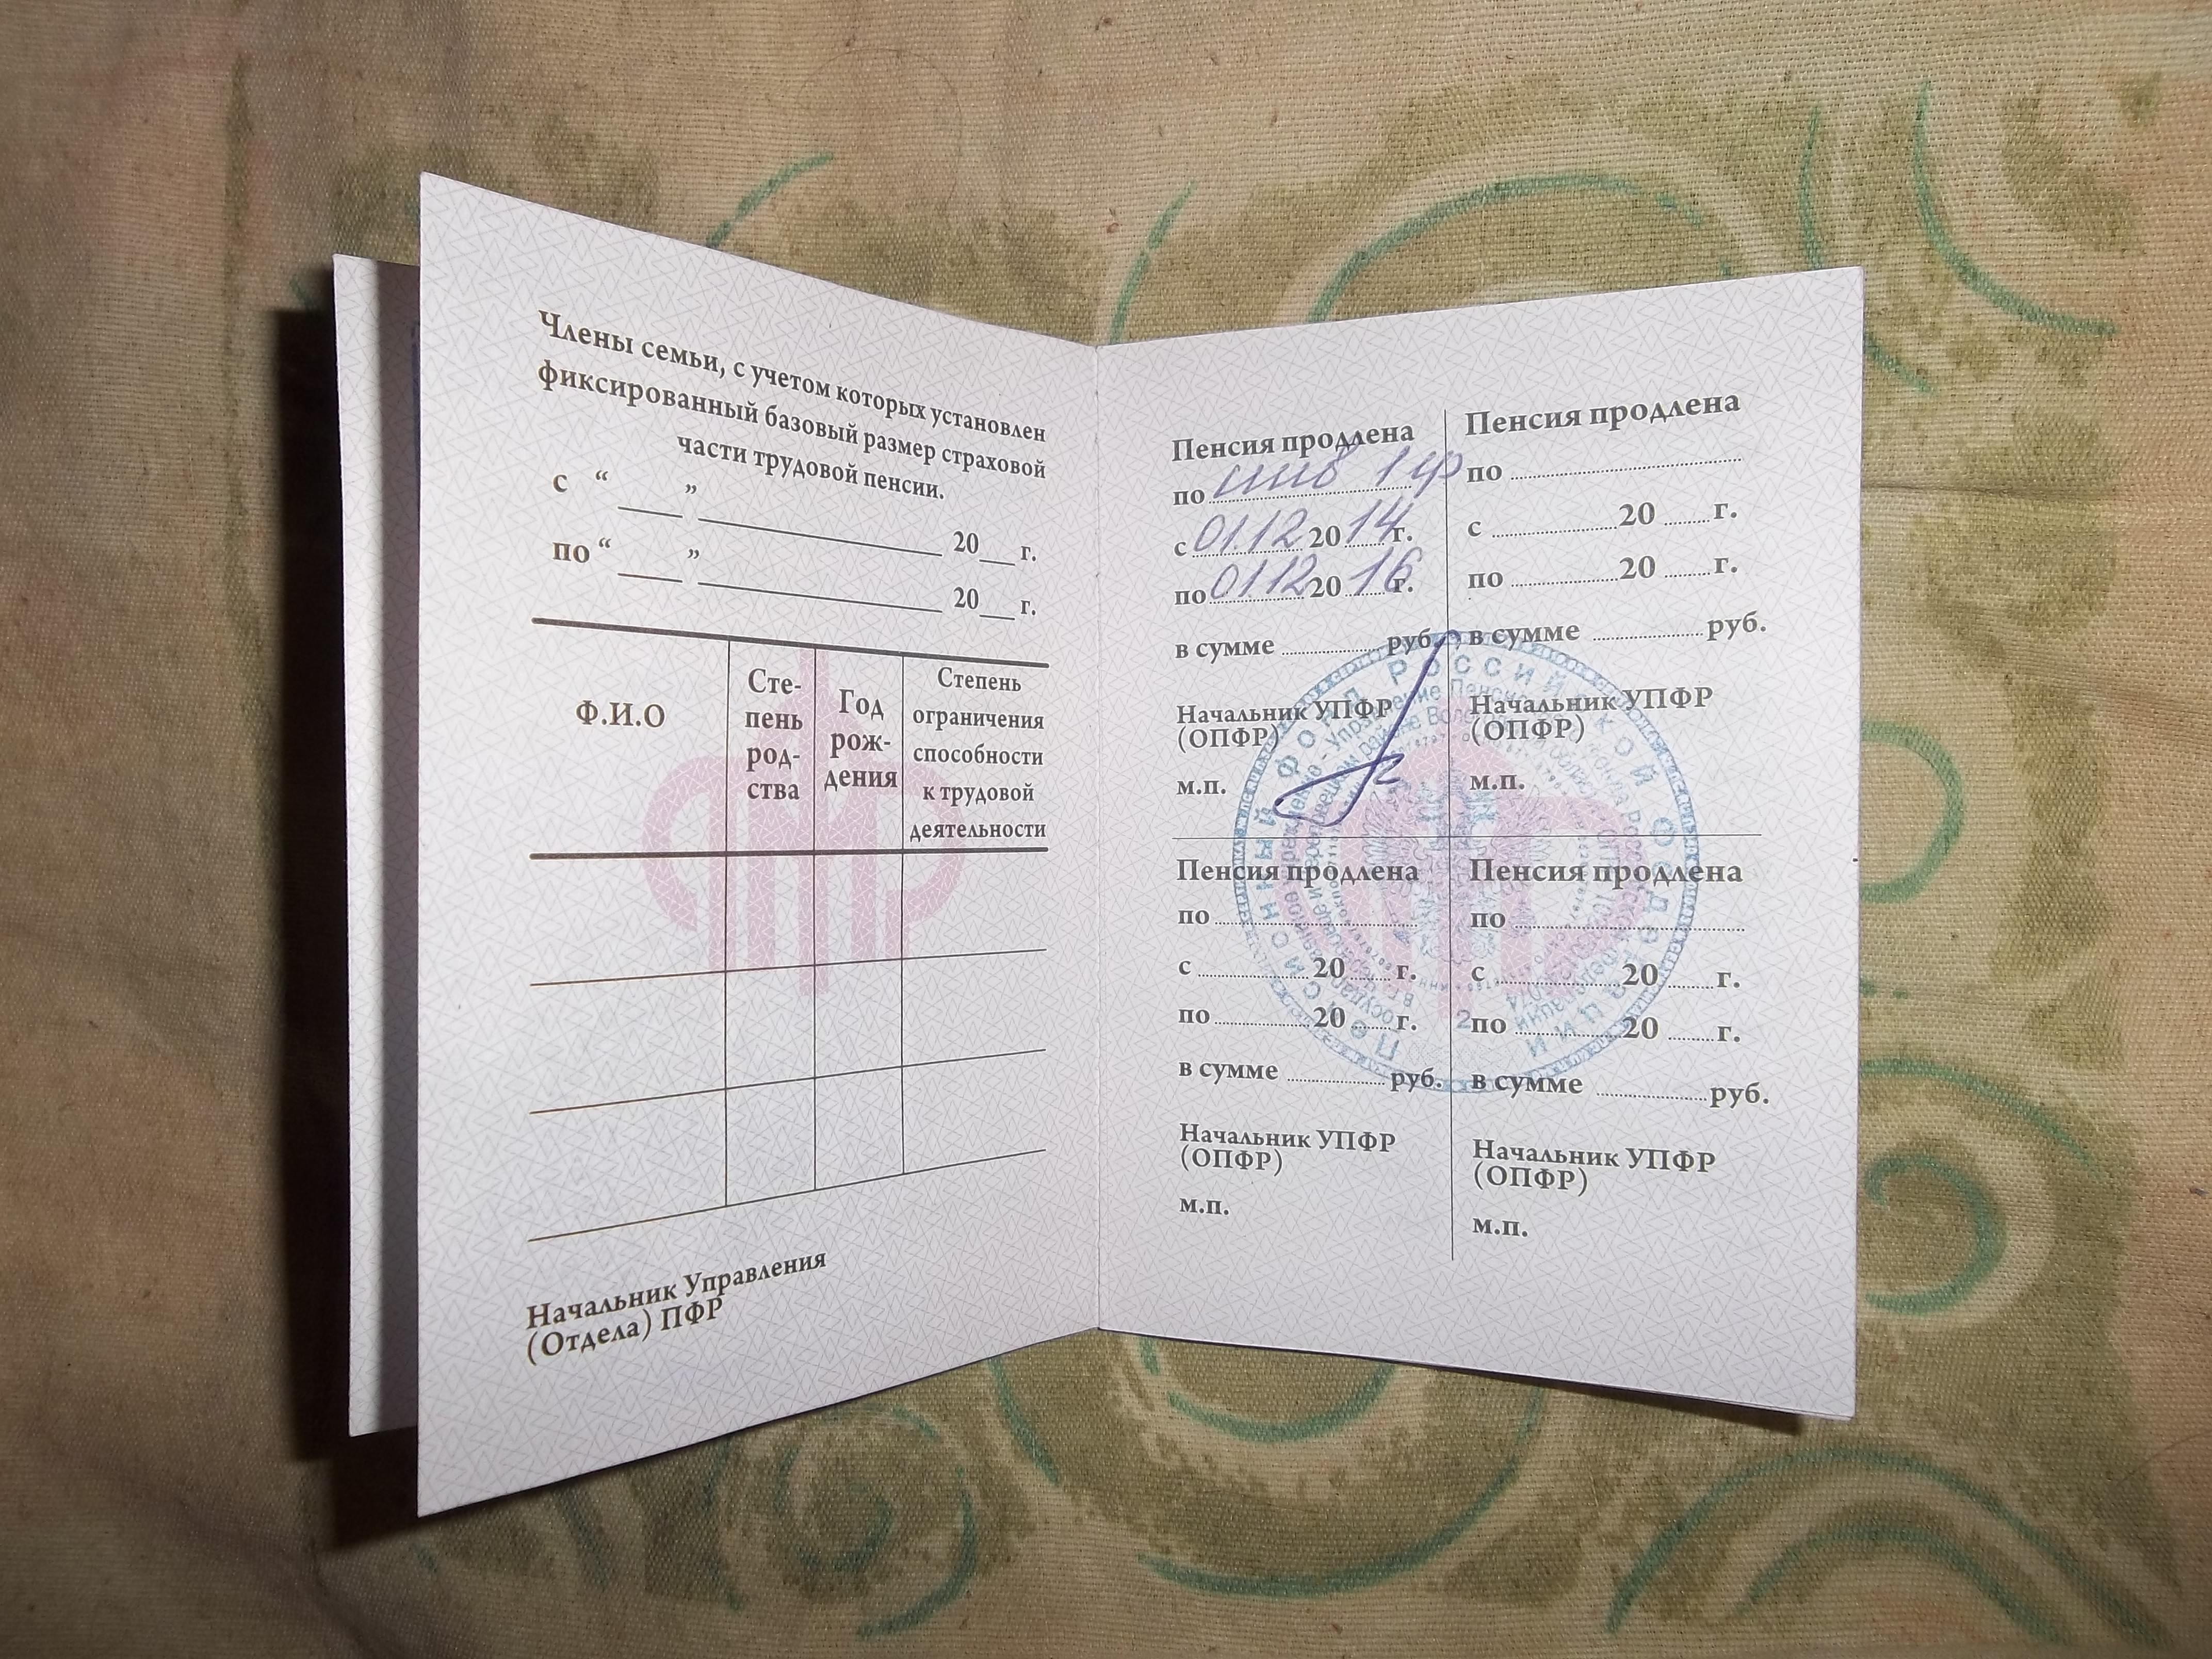 Заявка на кредит в хоум кредит банке пенсионеру